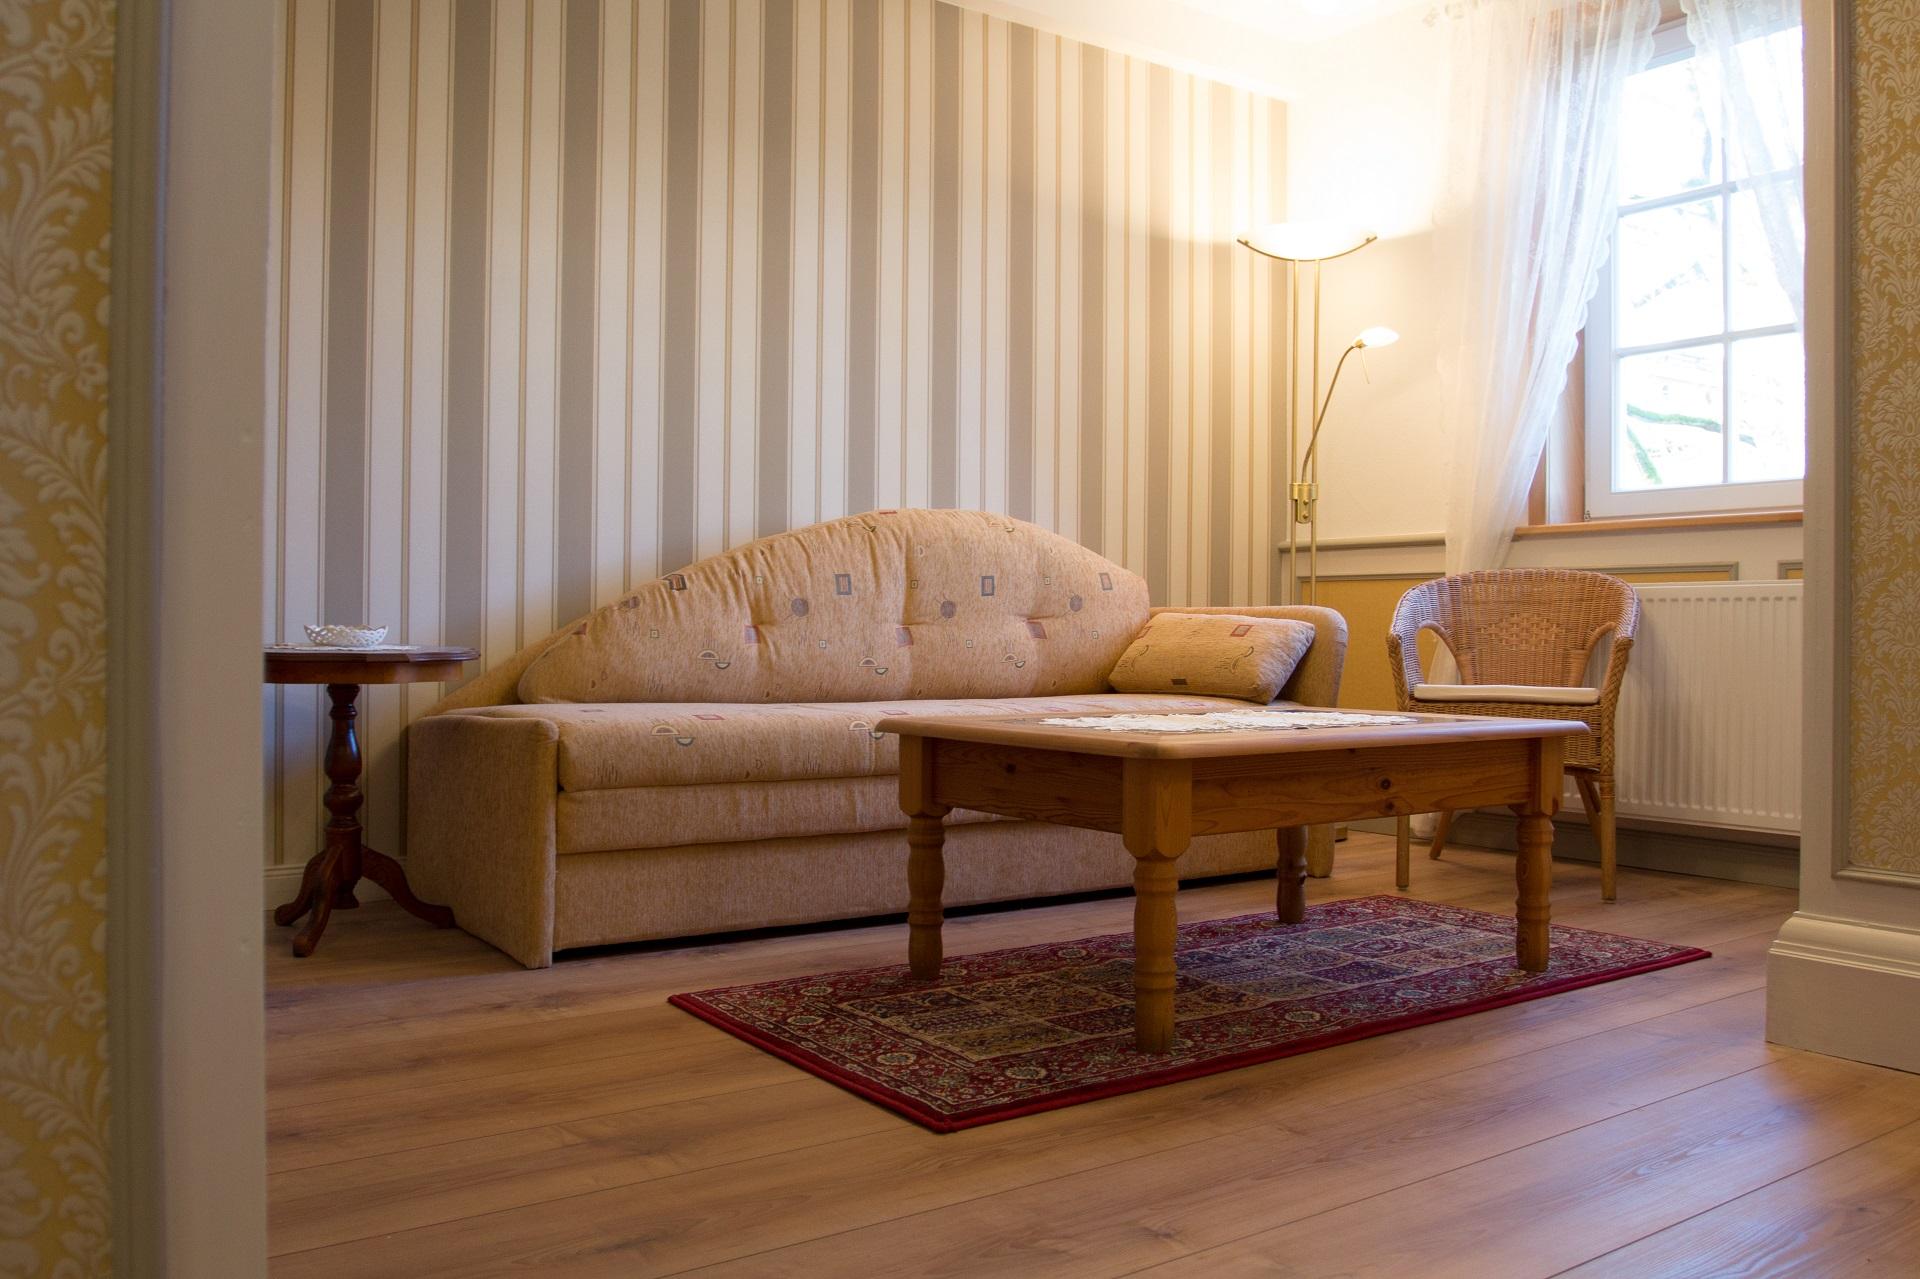 Ferienwohnung Ratssaal - Wohnbereich